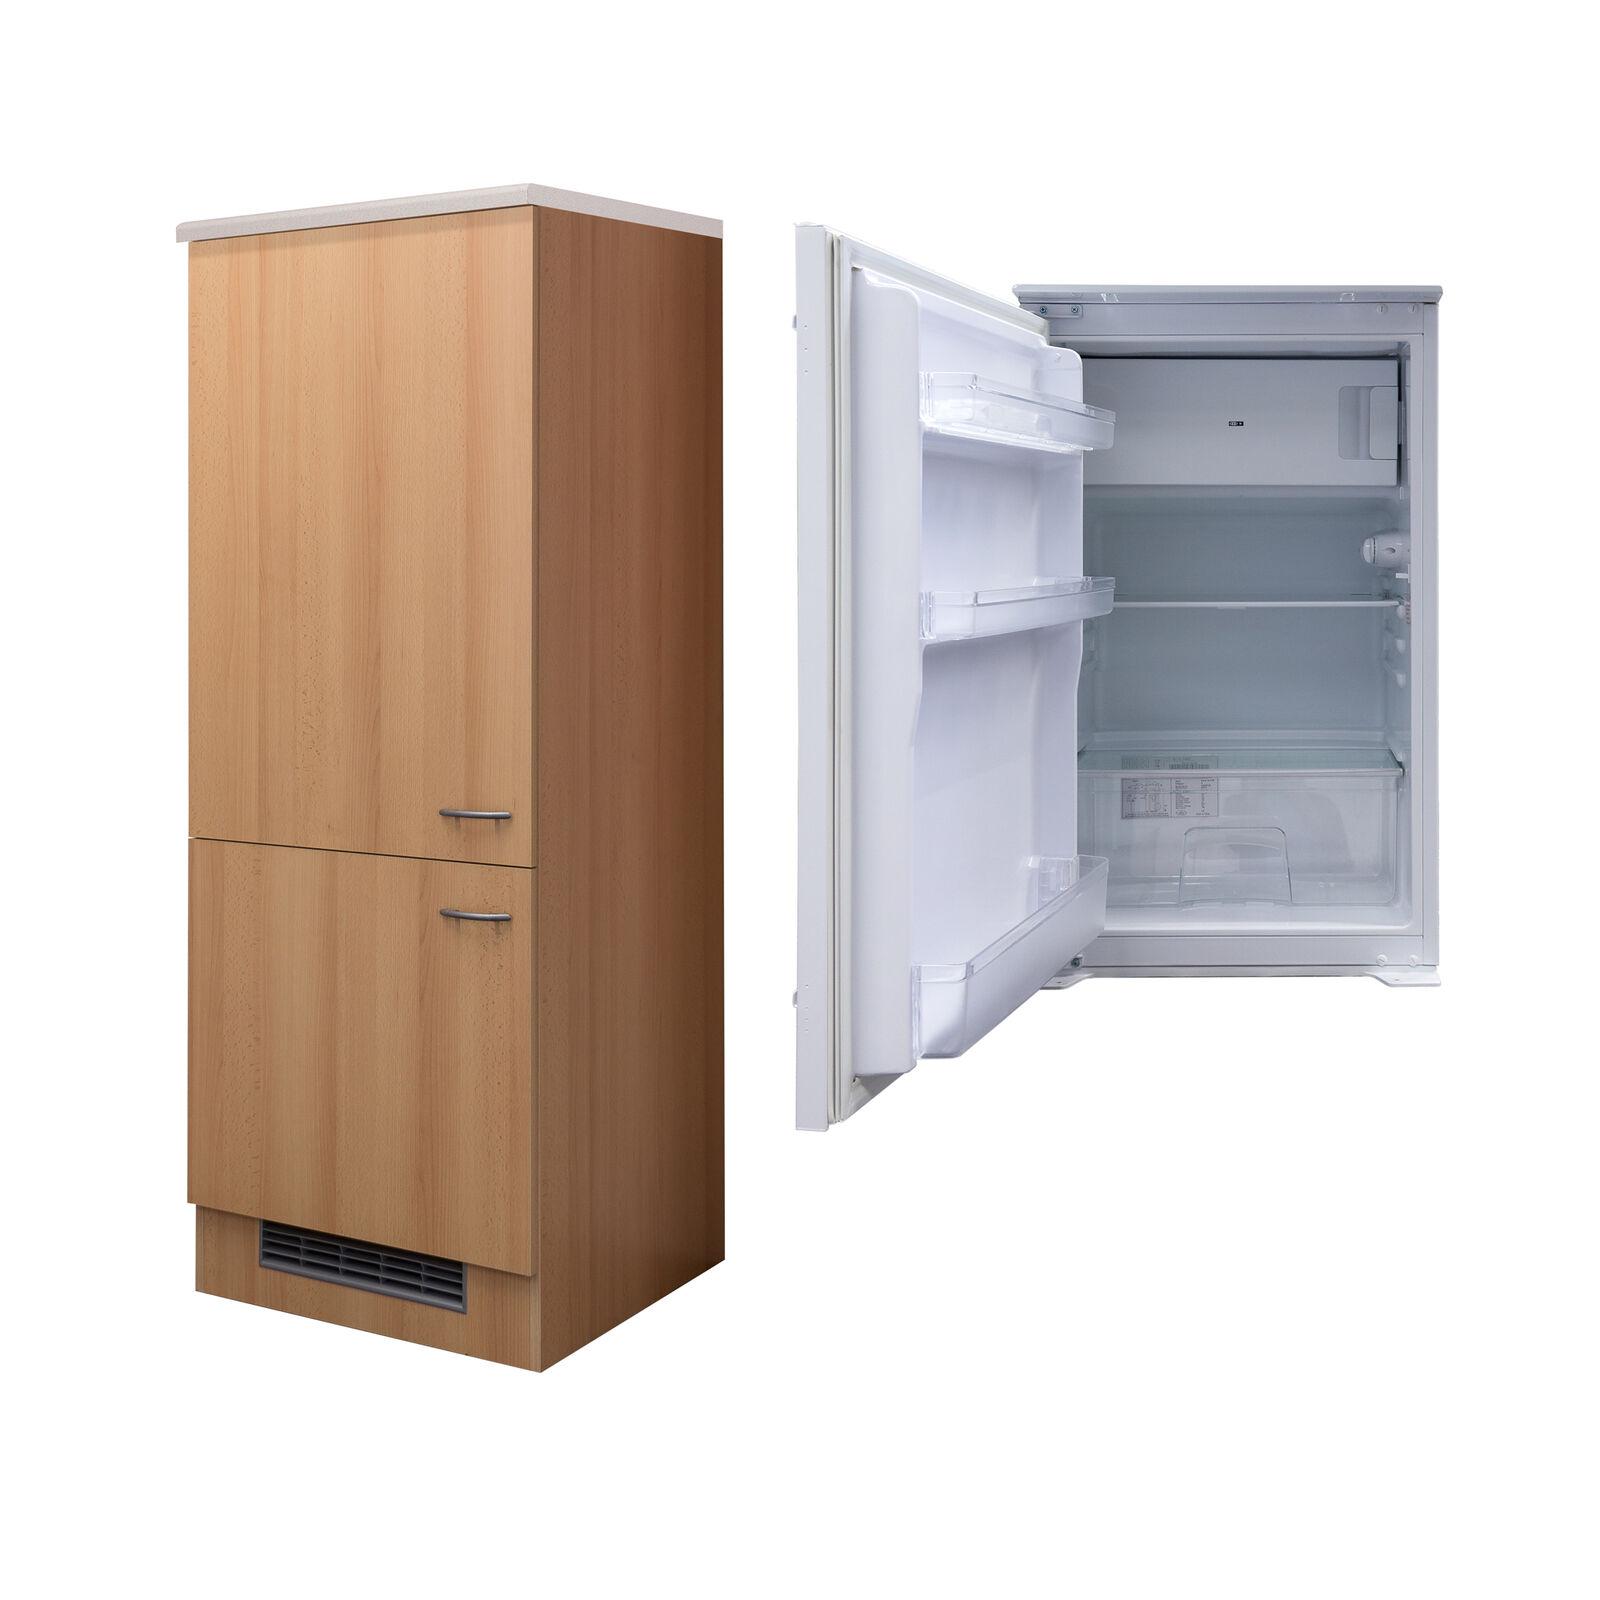 Einbaukühlschrank mit Kühlschrankumbau Kühlschrank Umbauschrank 161cm hoch buche